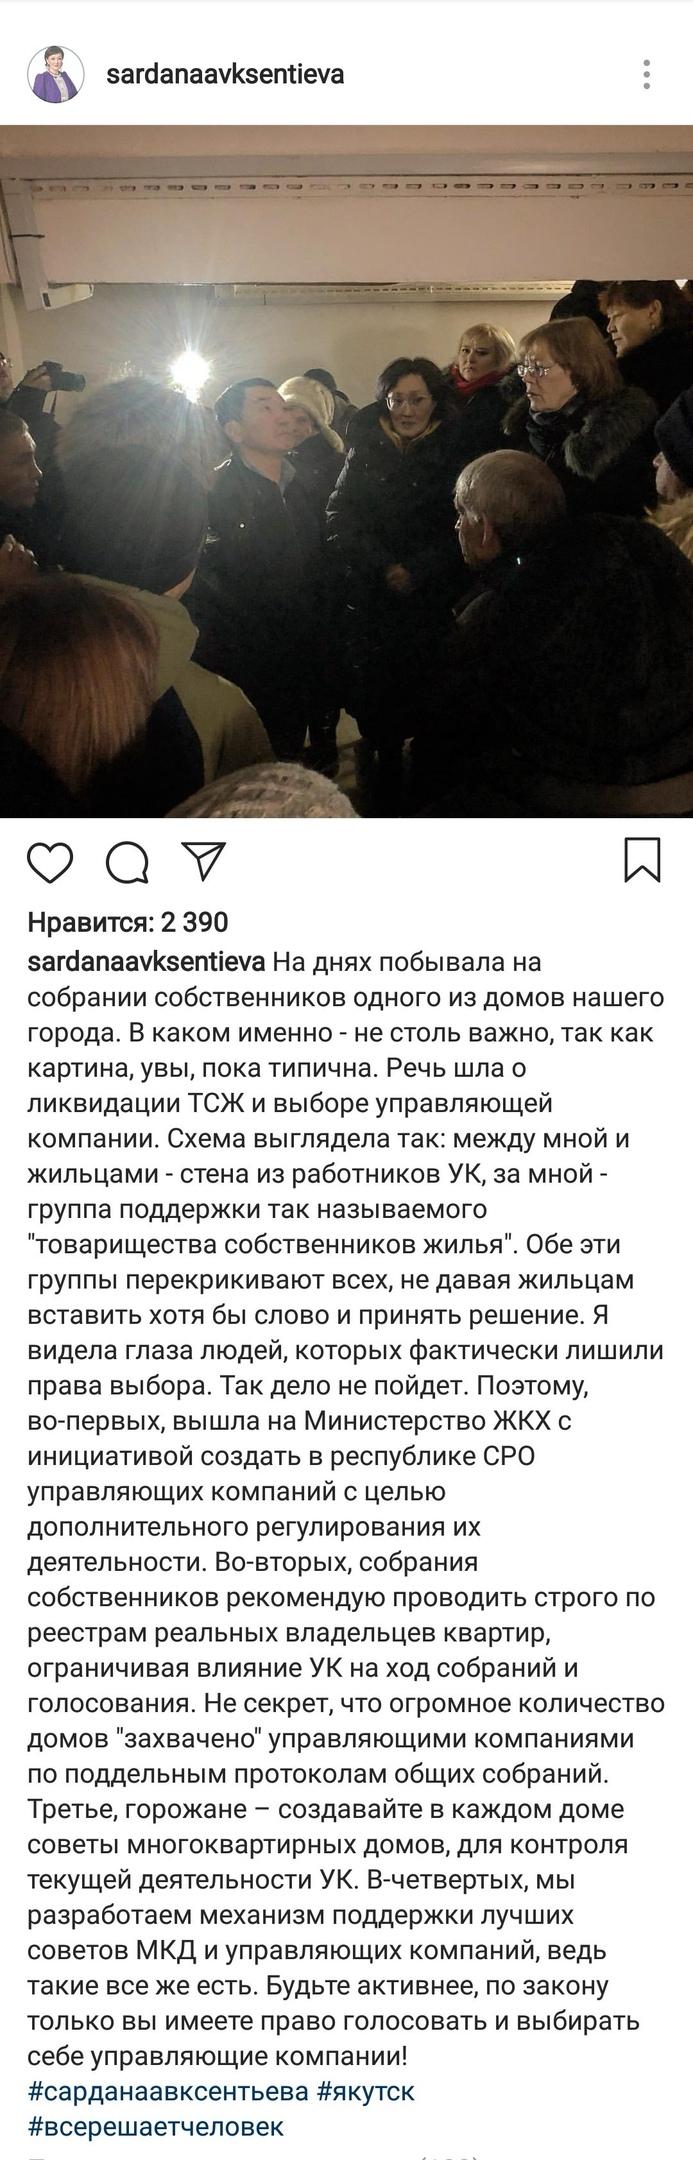 СарданаАвксентьева